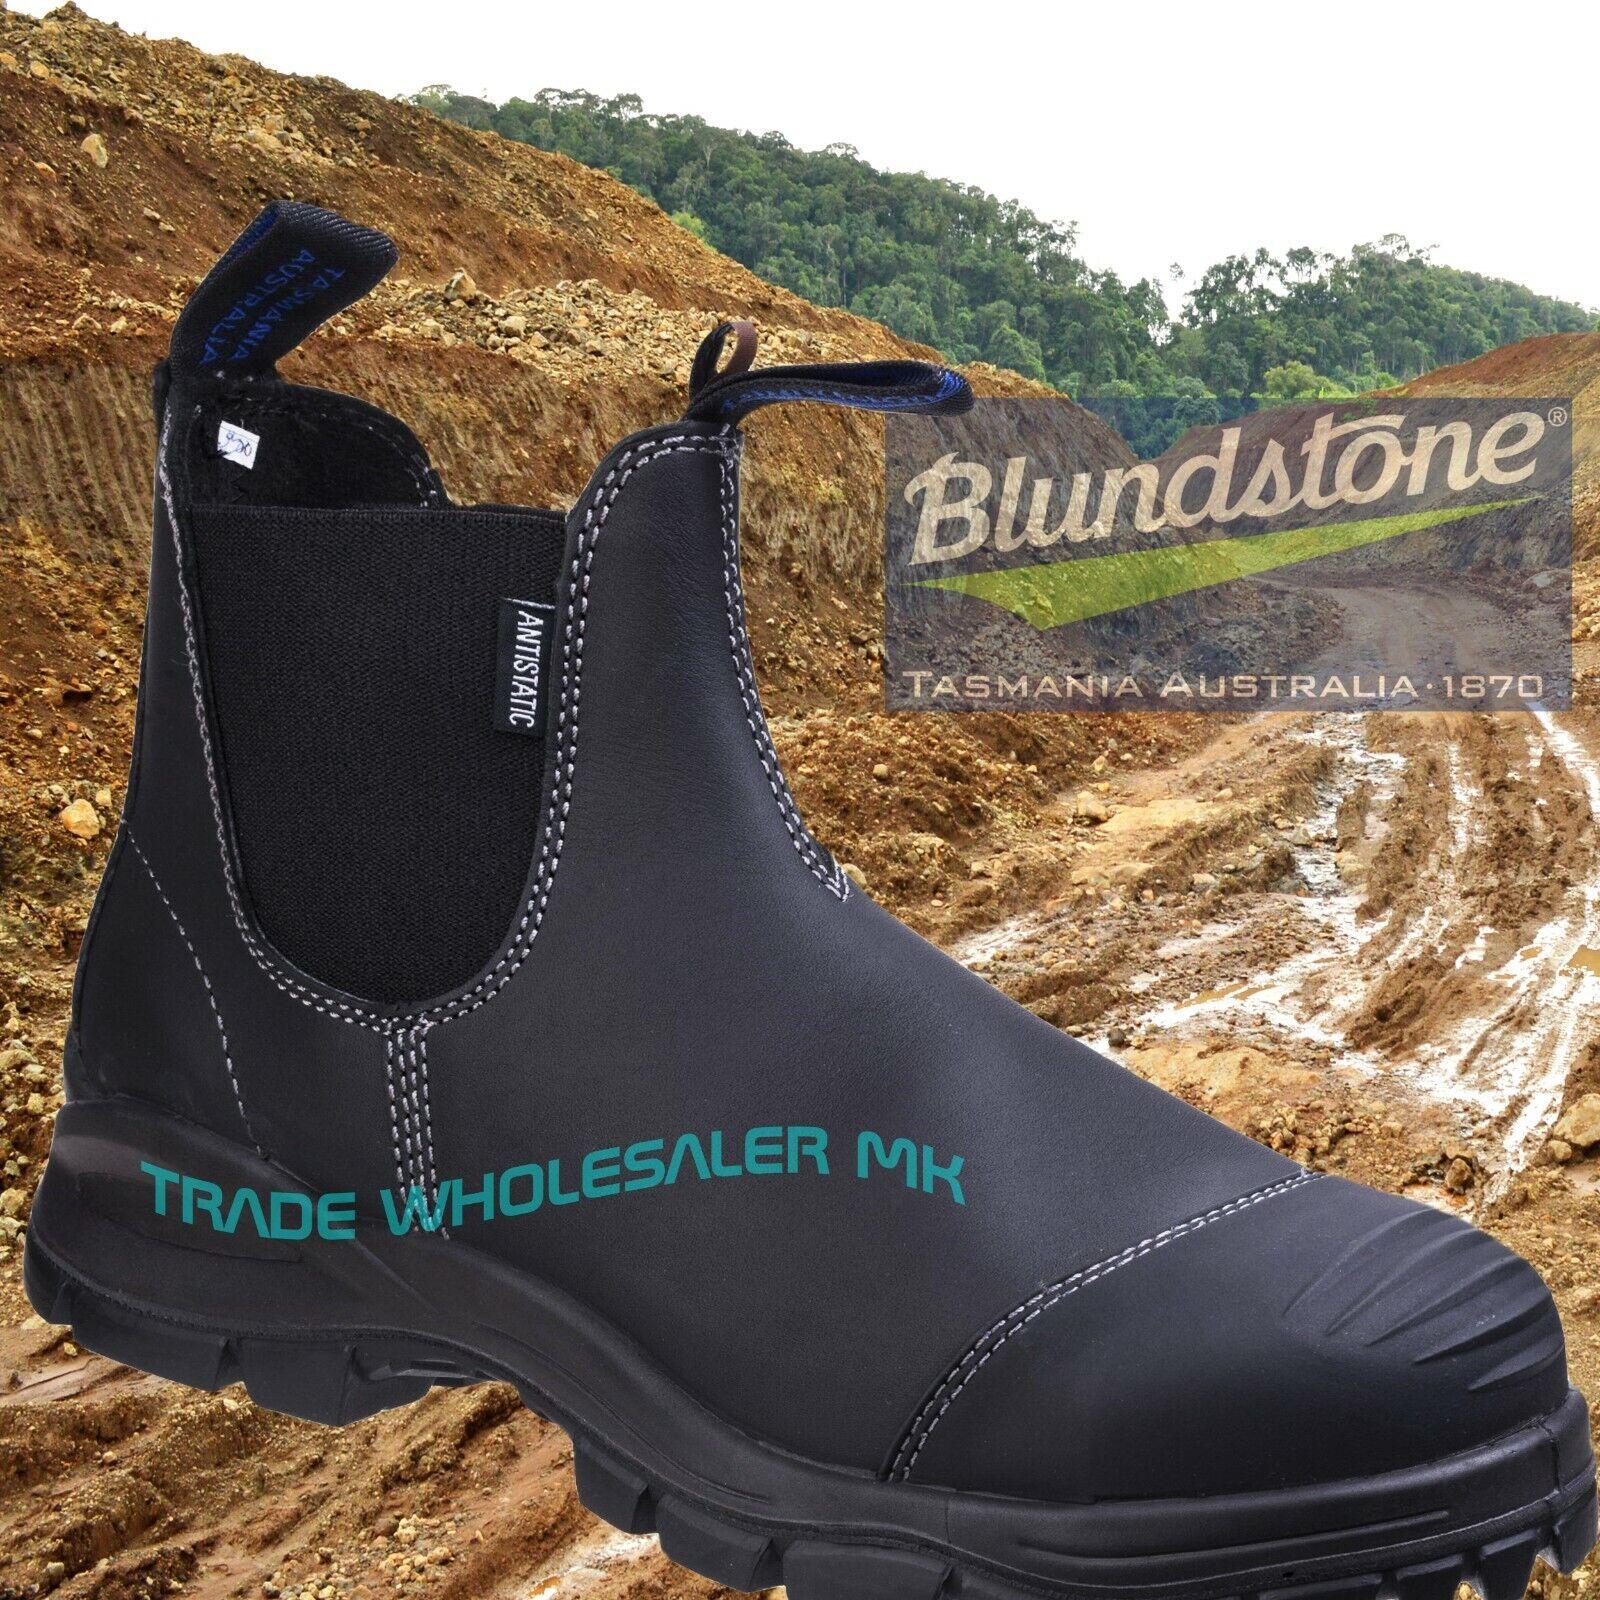 Distribuidor De Seguridad azulNDSTONE 910 S3 Negro Bota Con Suela Platino Range